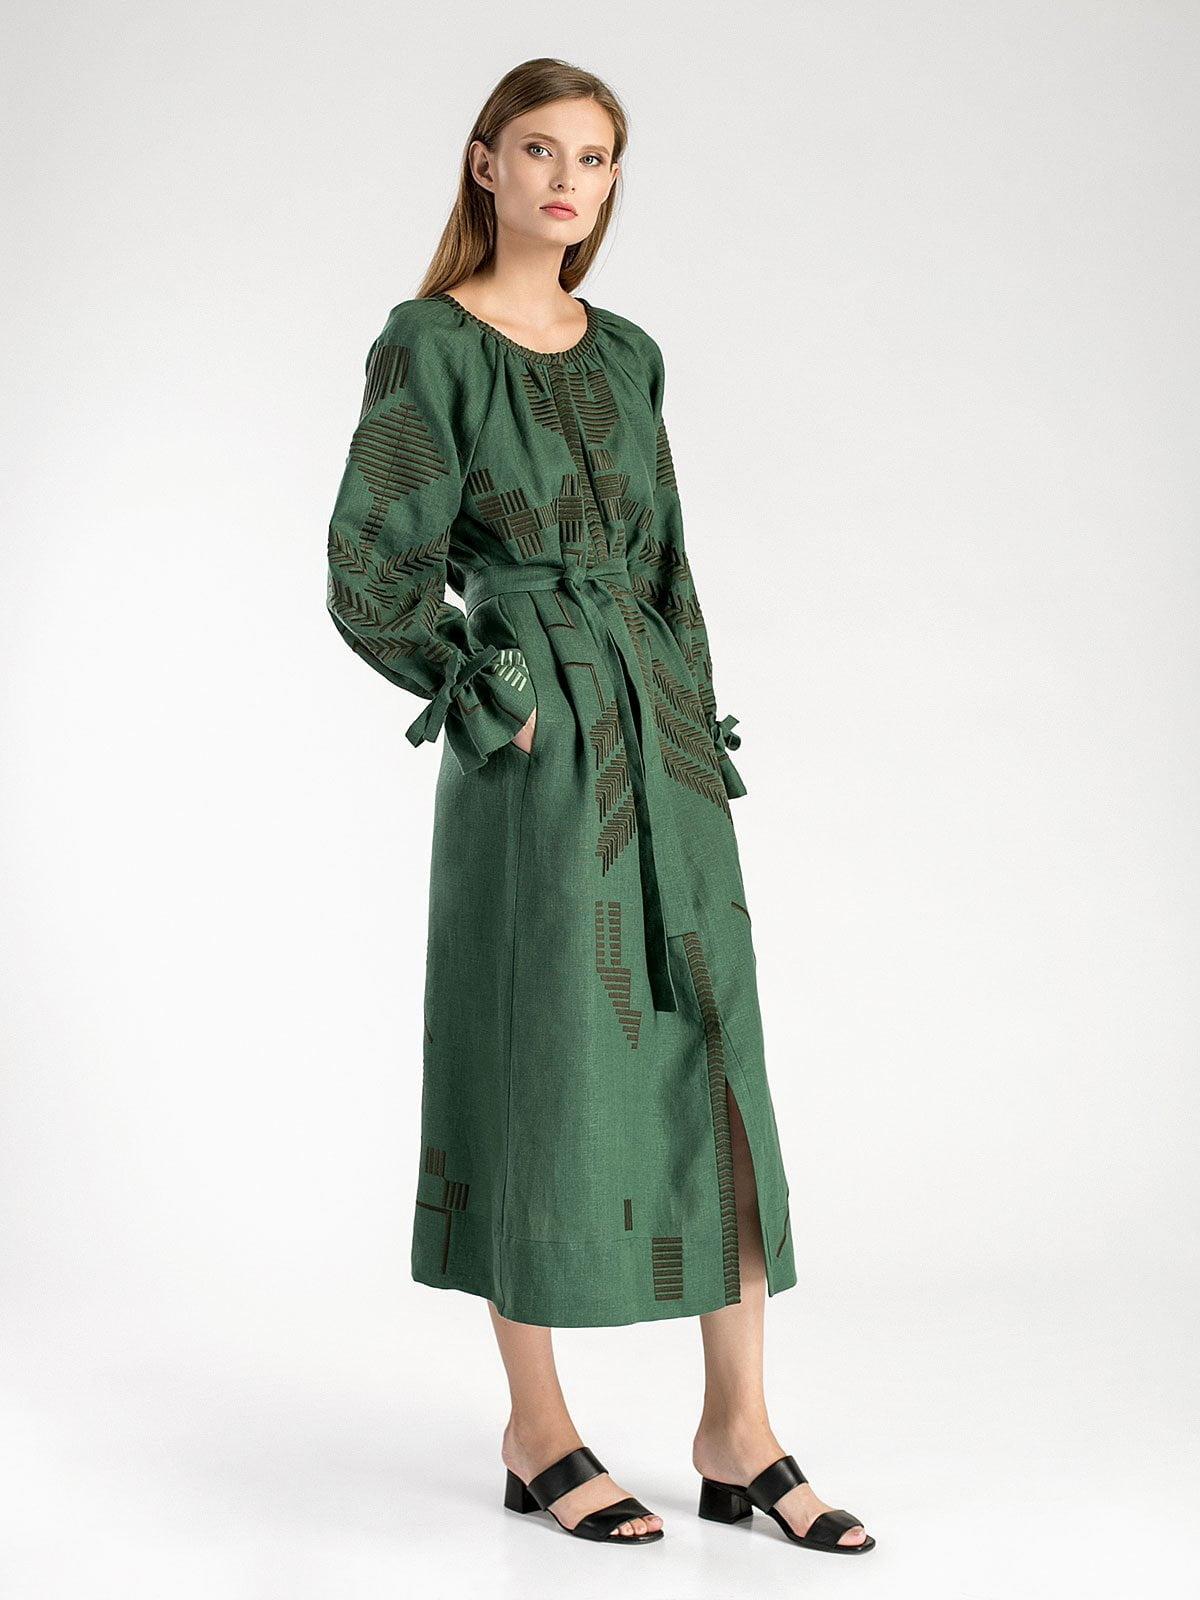 30ea8739778a7e Зеленое льняное платье с геометрической вышивкой Borodina Dark ...